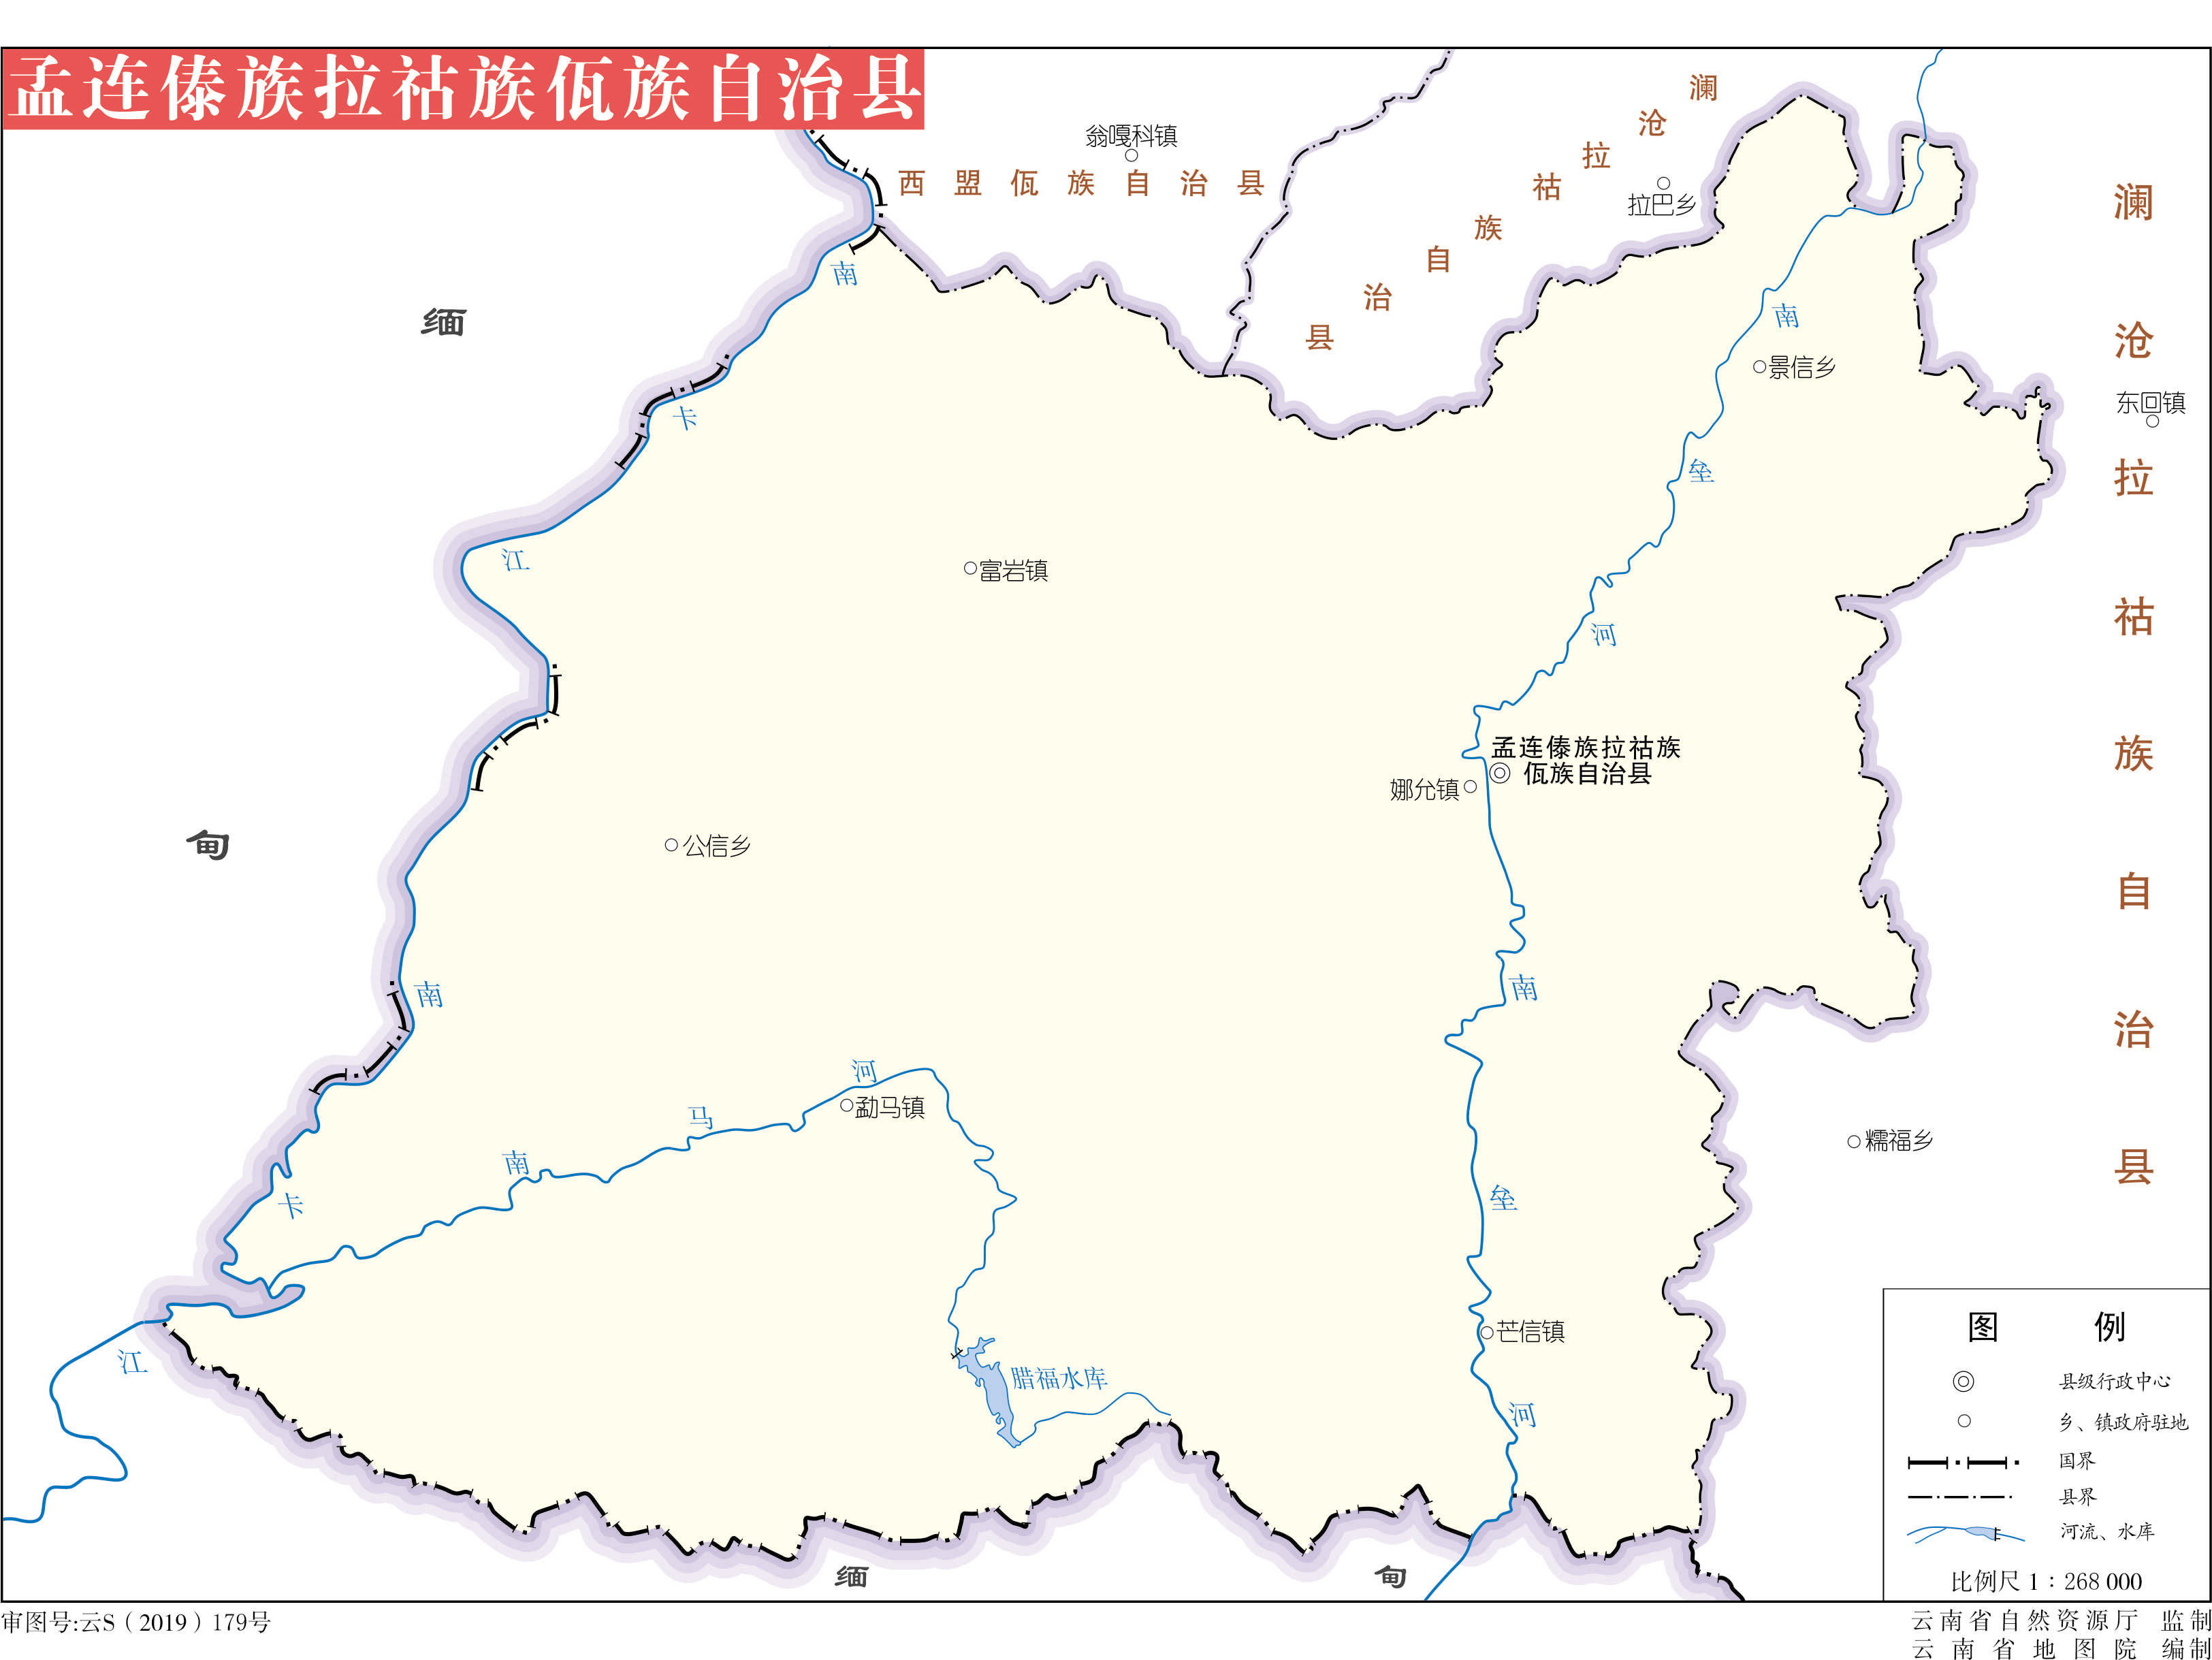 孟连gdp_孟连 勐阿 边境经济合作区 蓬勃发展造繁荣之景